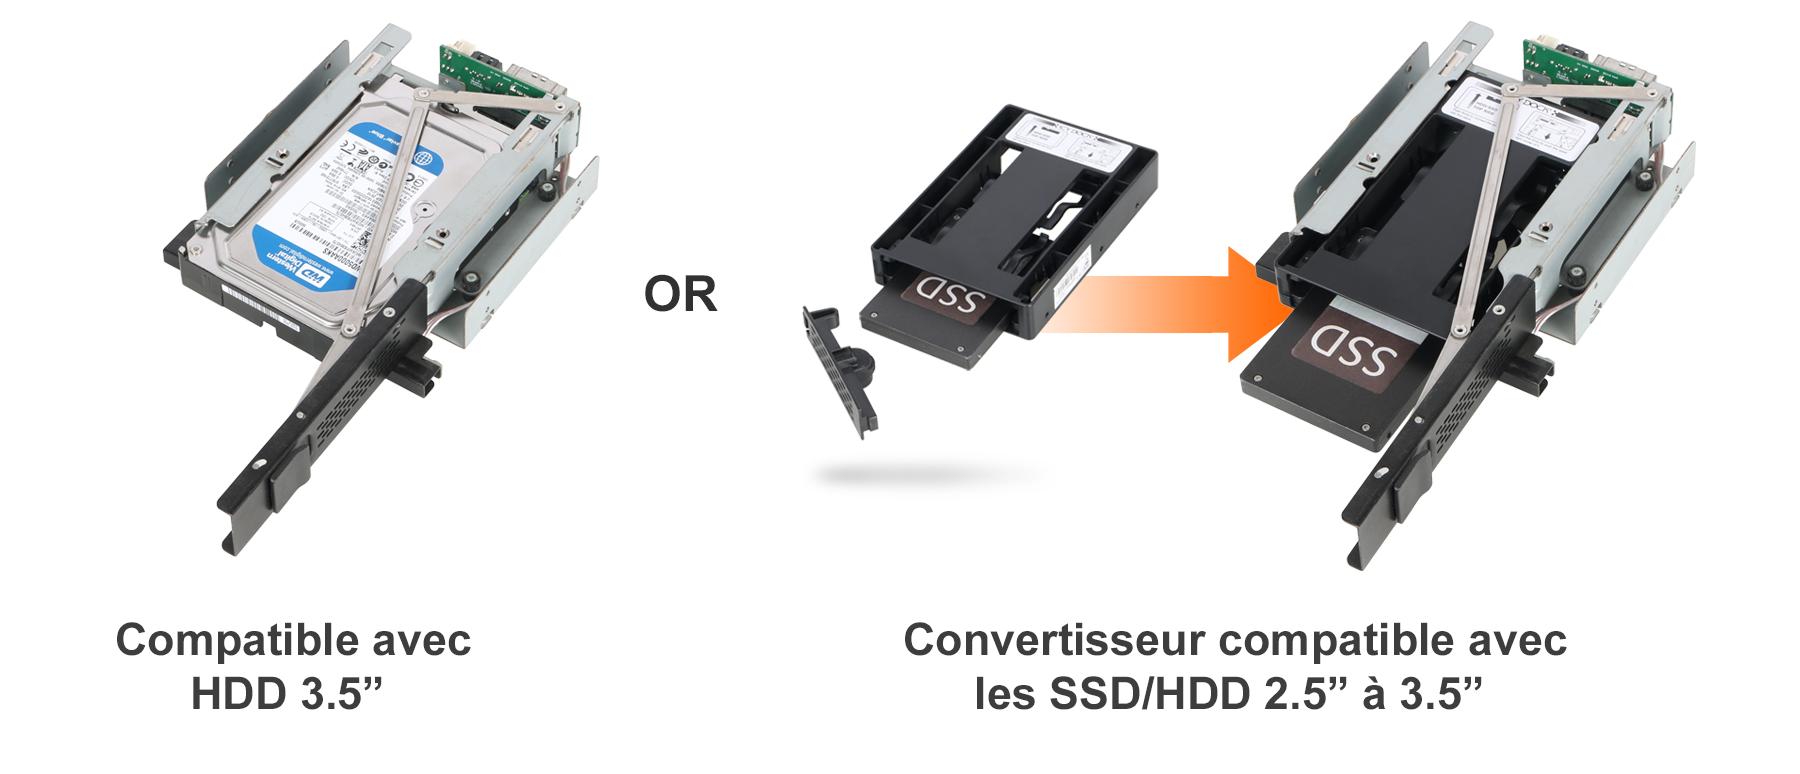 photo des convertisseurs compatibles avec HDD et SSD 3.5 pouces à 2.5 pouces